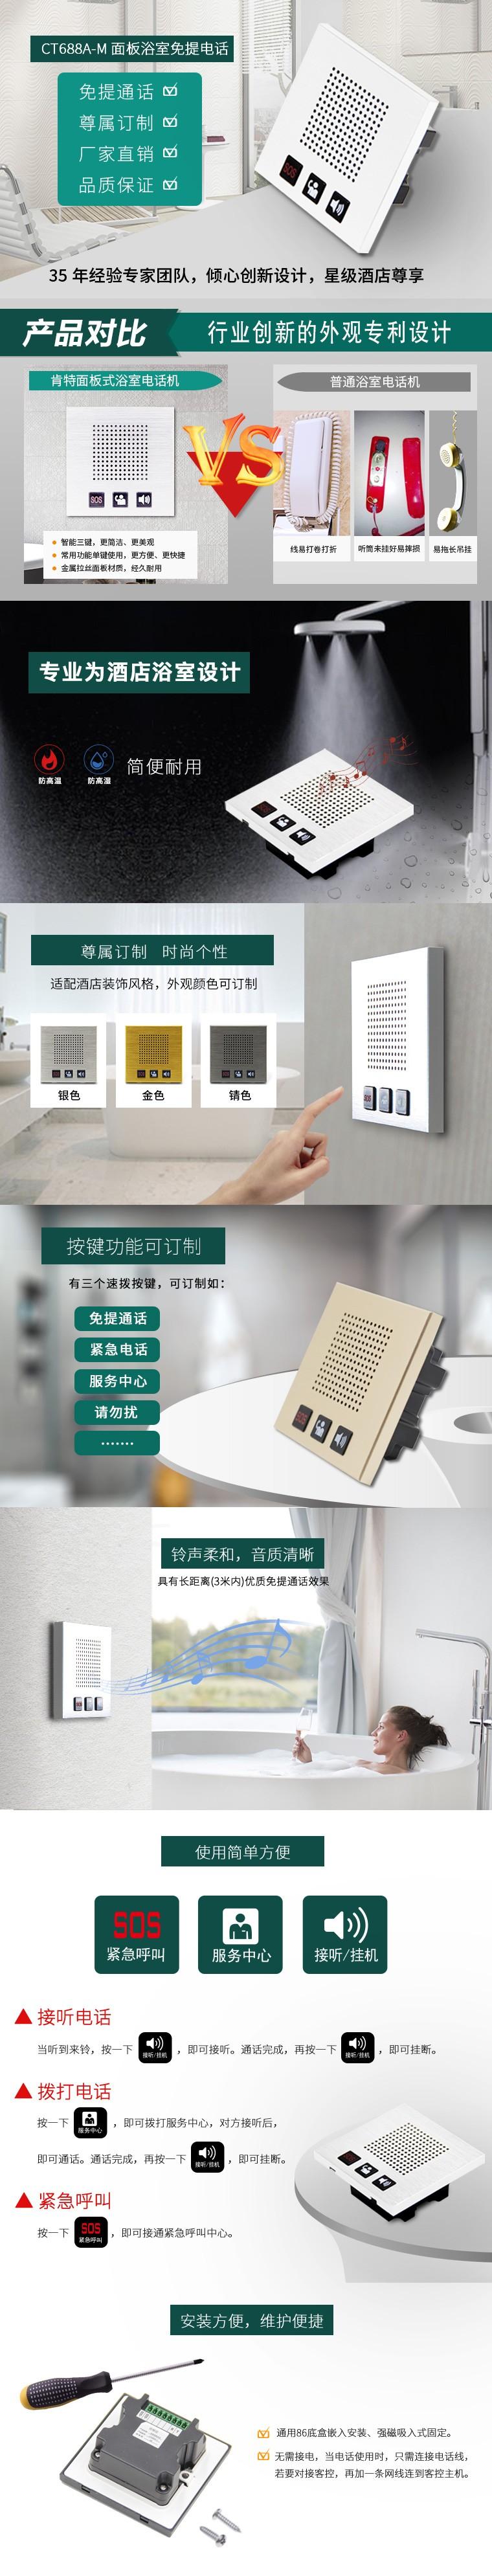 CT688A-M-面板浴室免提电话.jpg